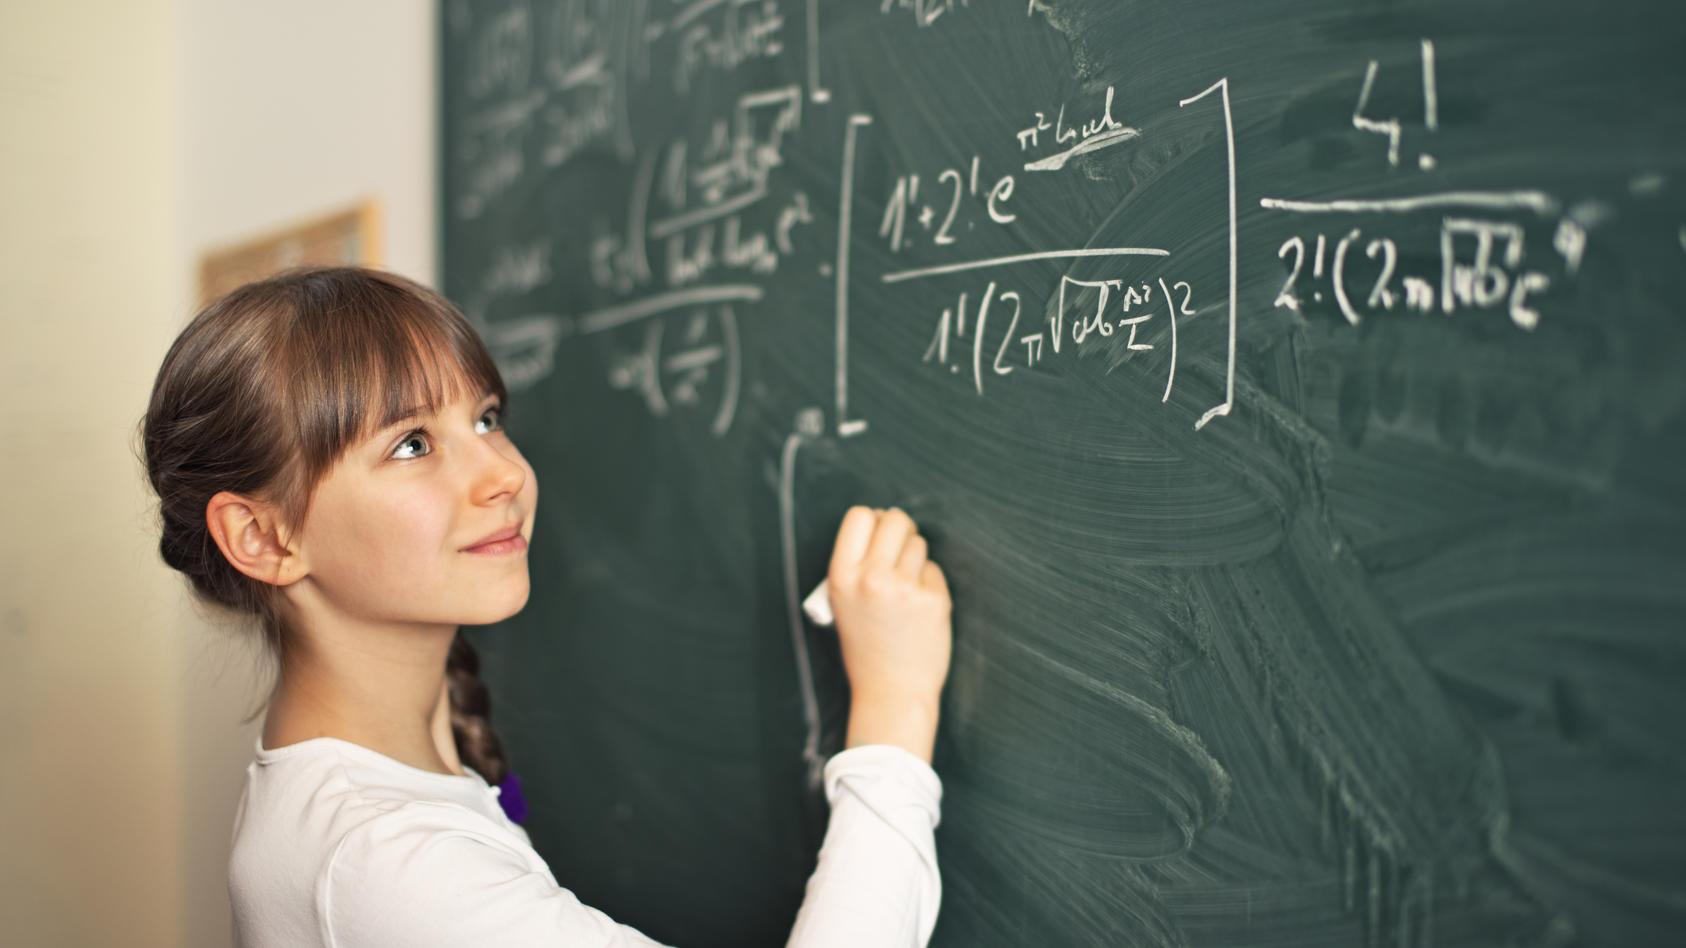 Laut Stefanie Hubig fallen Mädchen Fächer wie Mathe oder Physik leichter, wenn sie nicht mit Jungs zusammen unterrichtet werden.